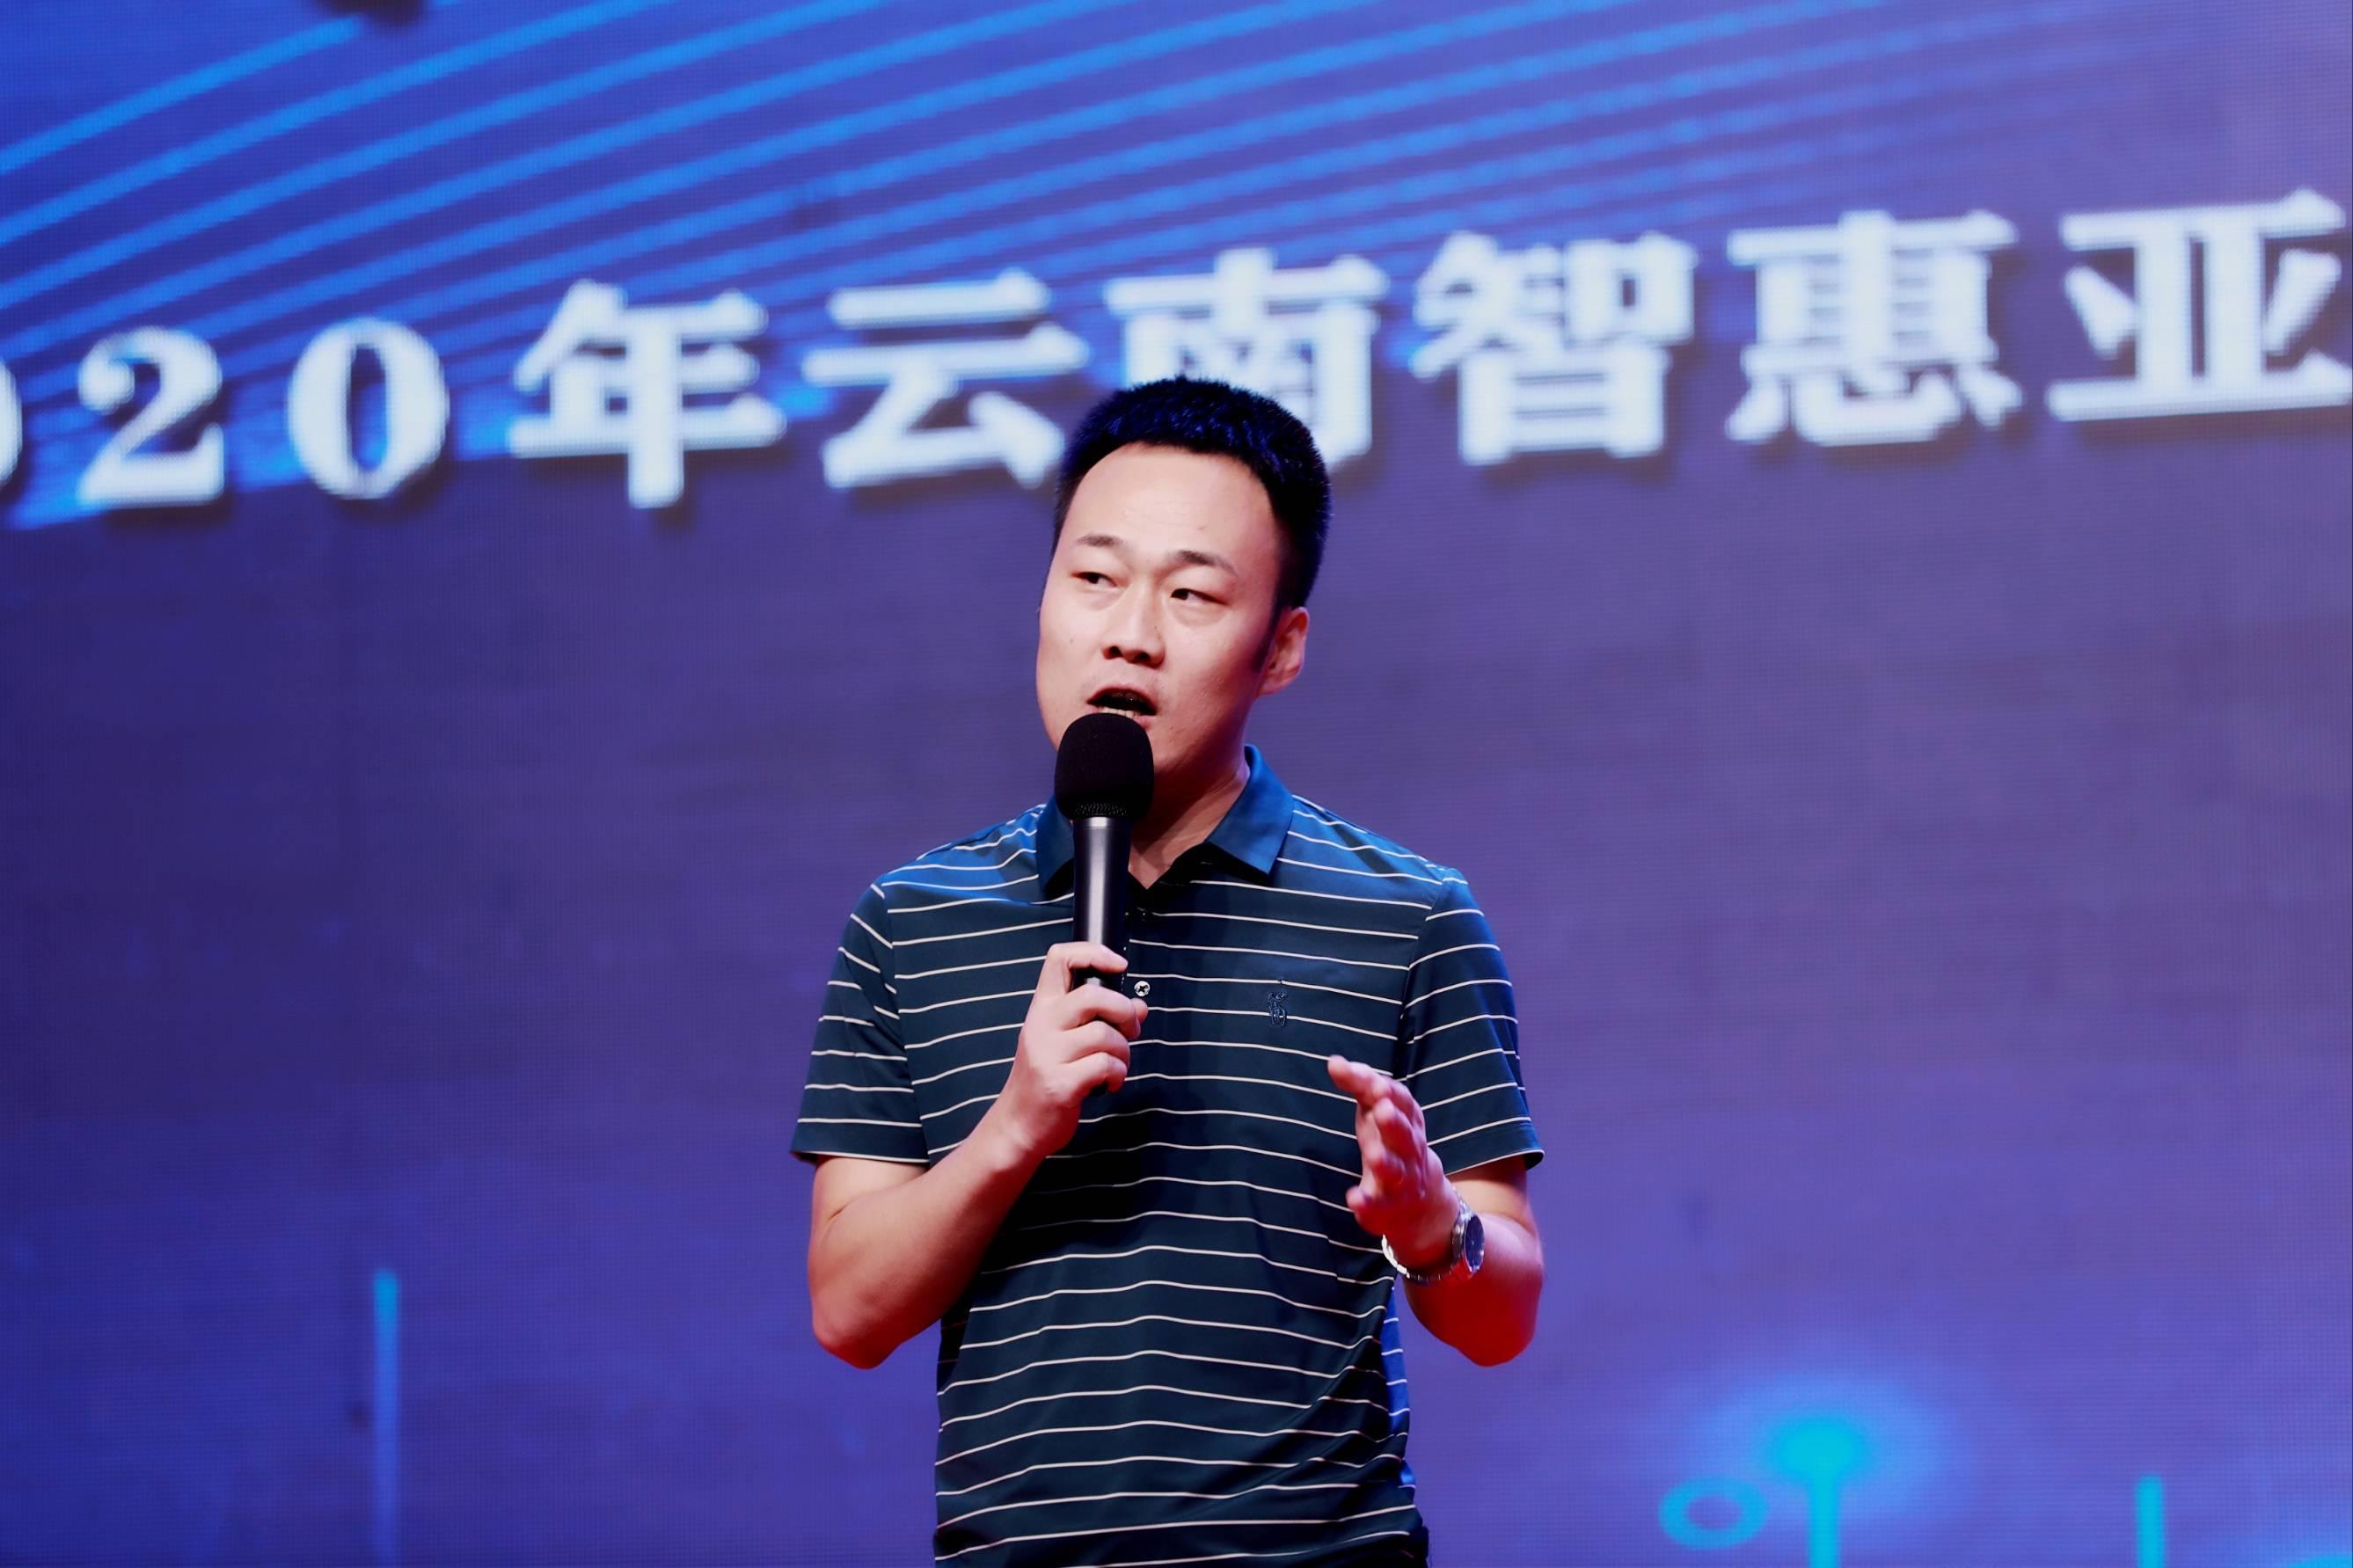 亚美科技落子云南 开启车联网大数据应用新征程